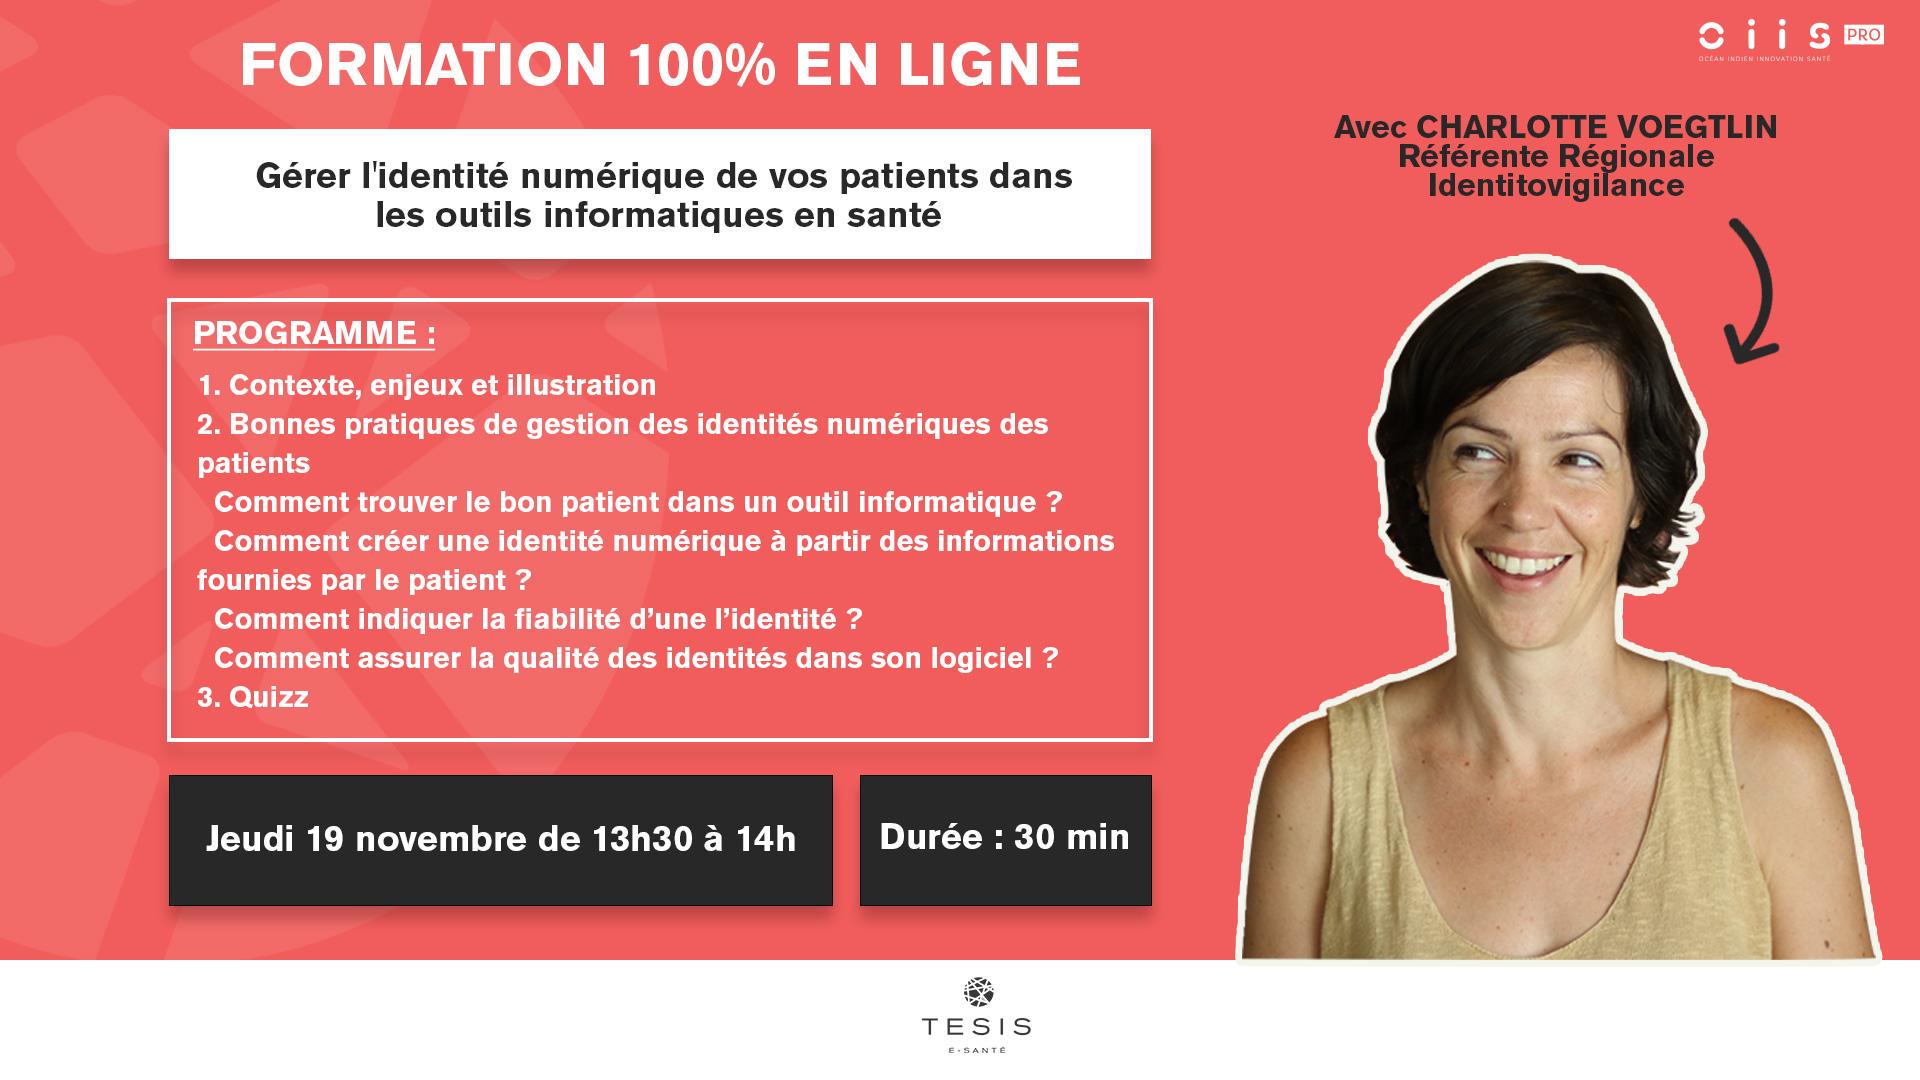 Charlotte voegtlin référente identitovigilante à La Réunion